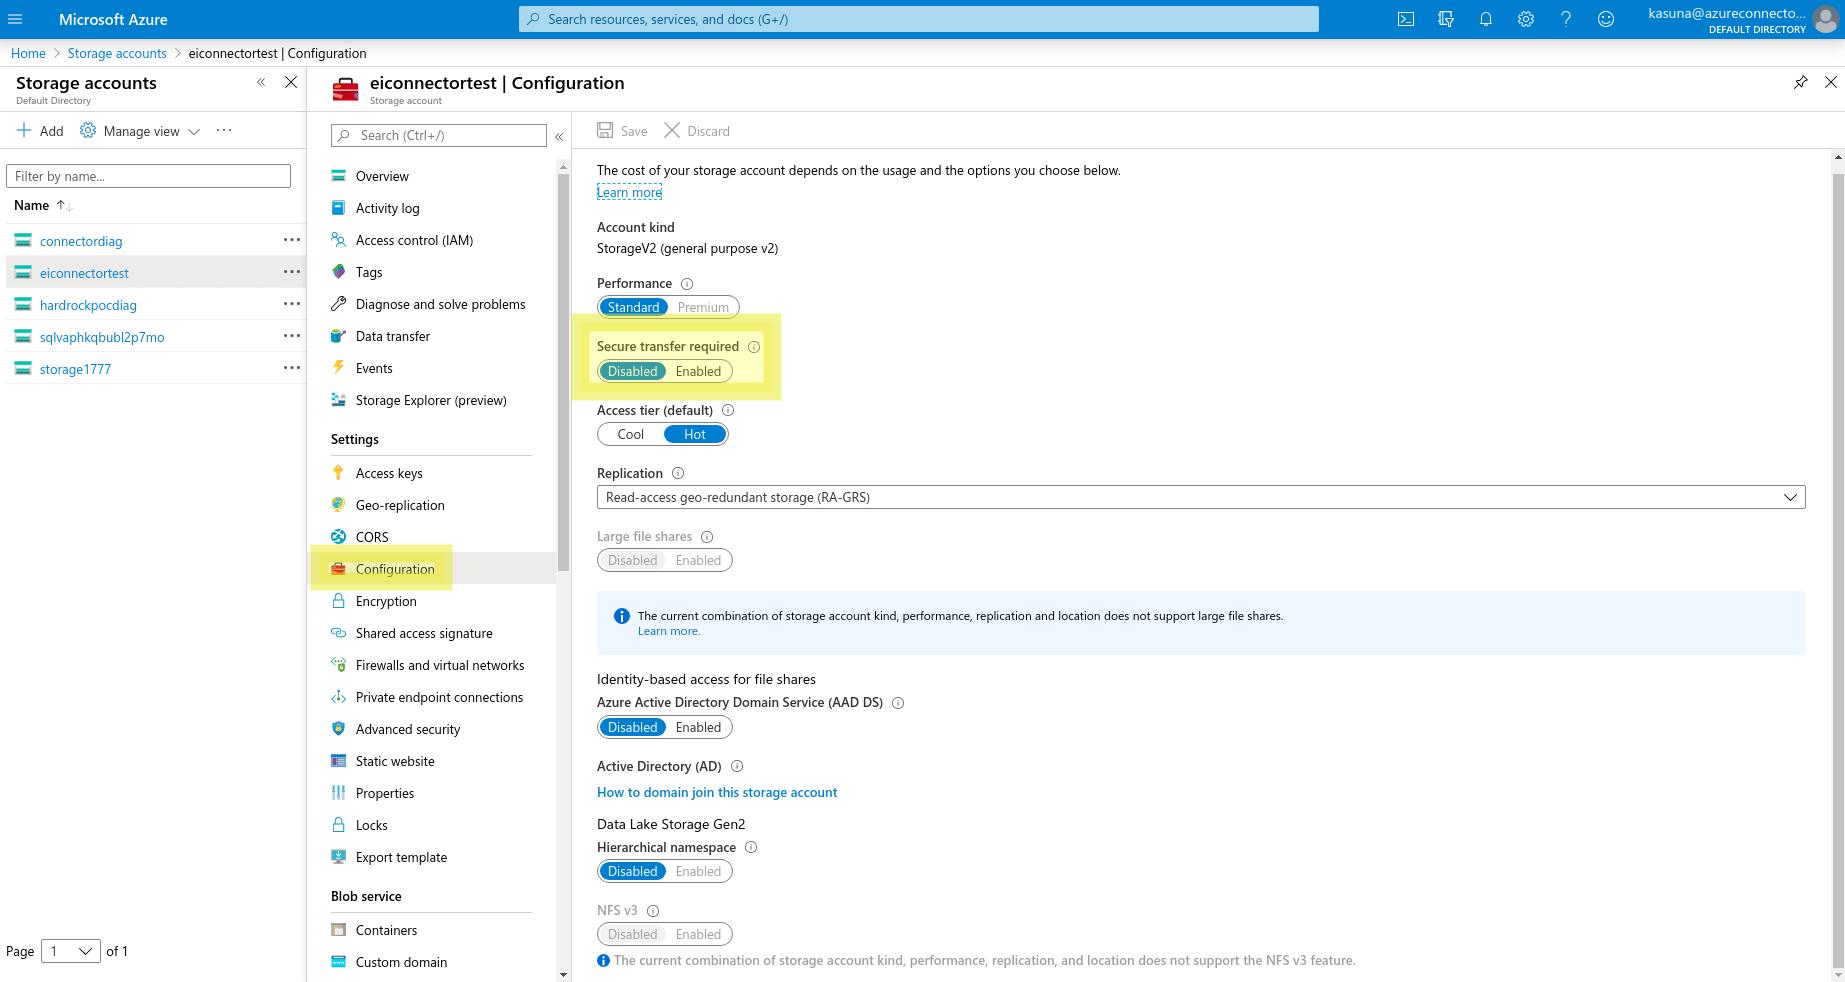 Copy access keys